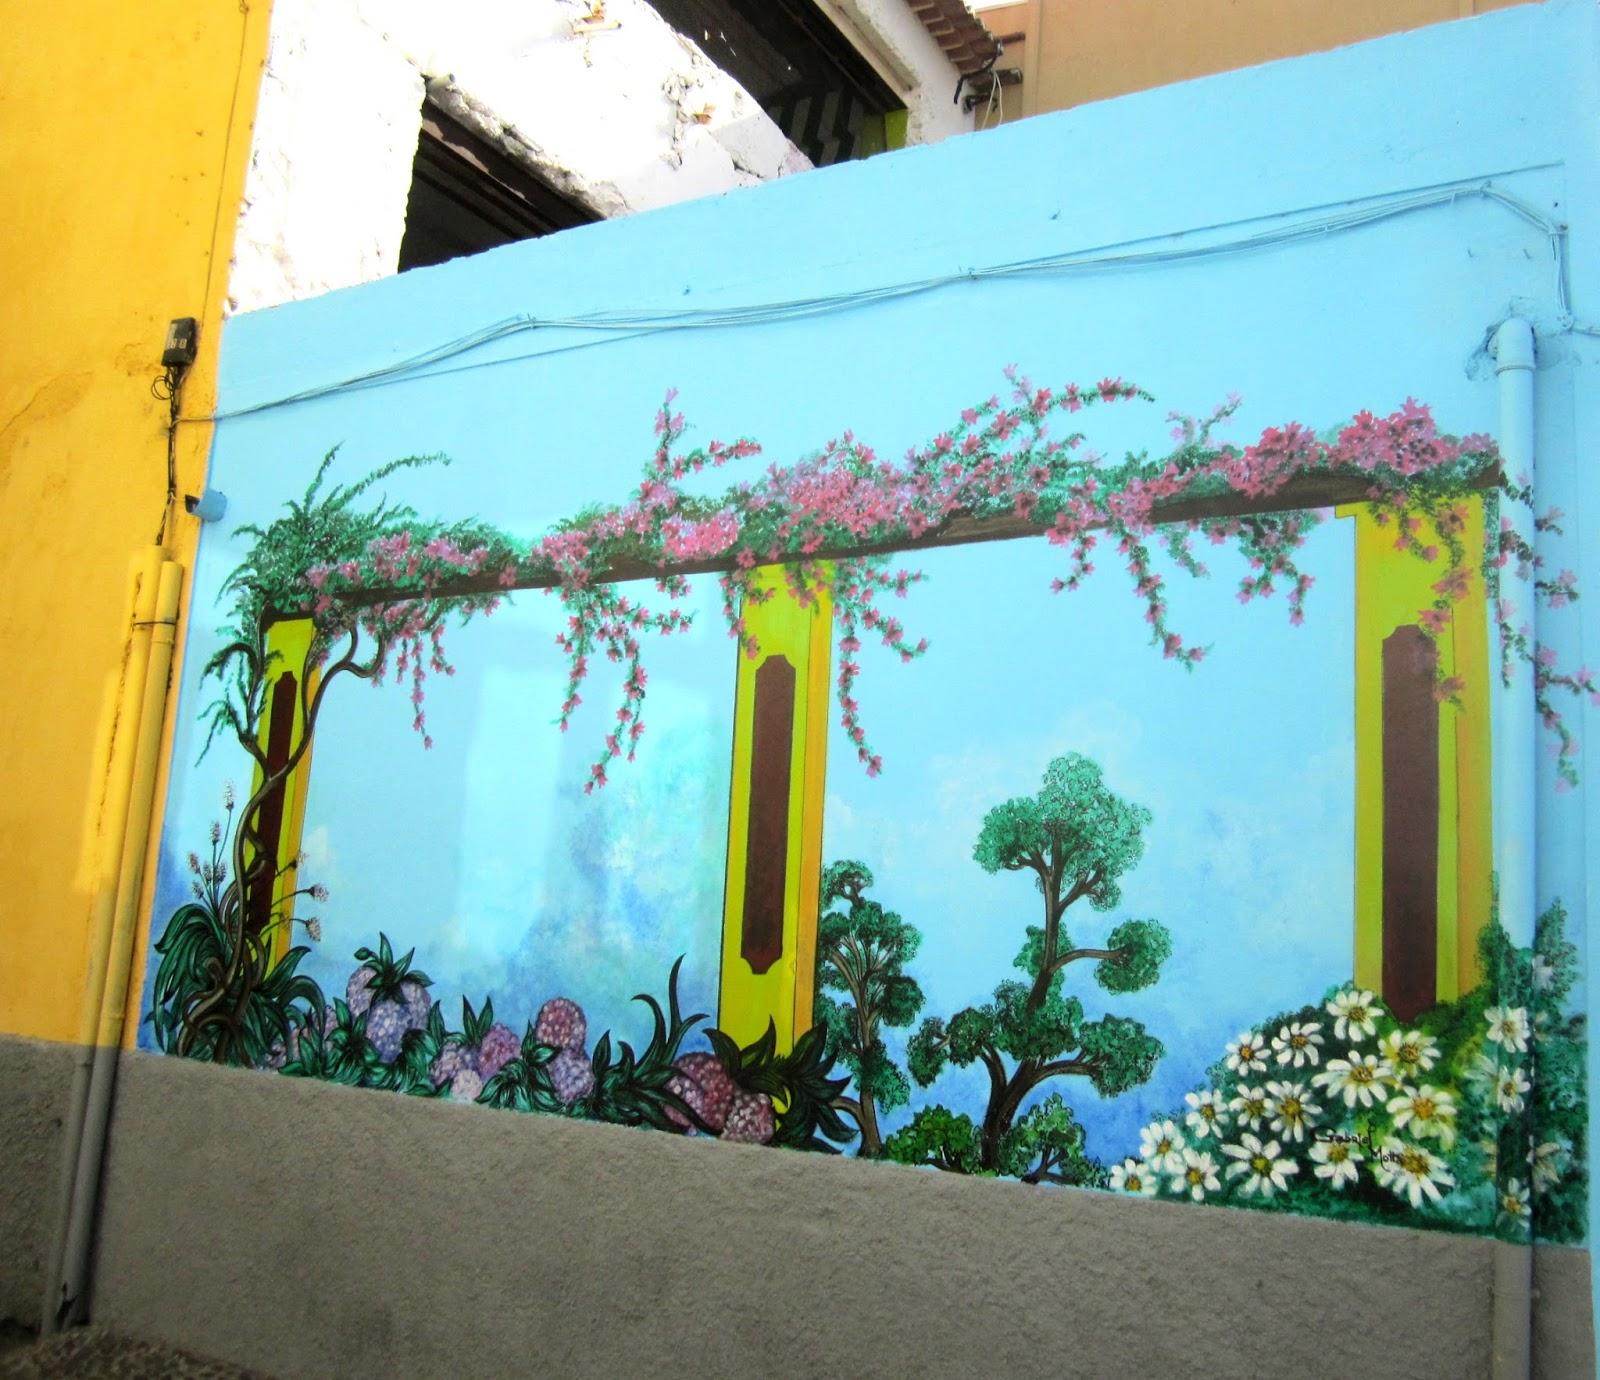 madeira street art